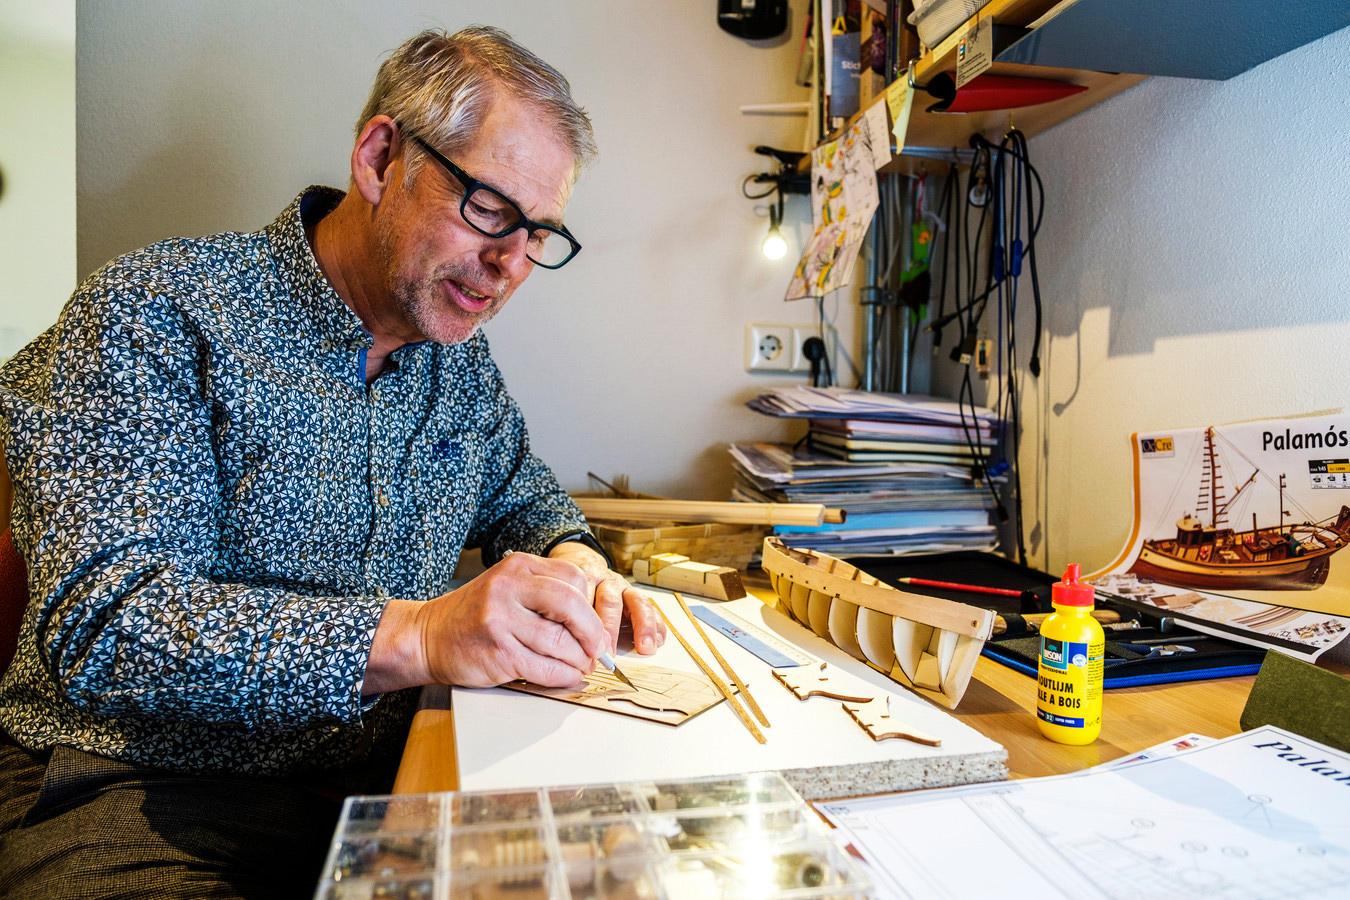 Modelbouw als hobby: door de lockdown wordt het alsmaar populairder. © Marlies Wessels